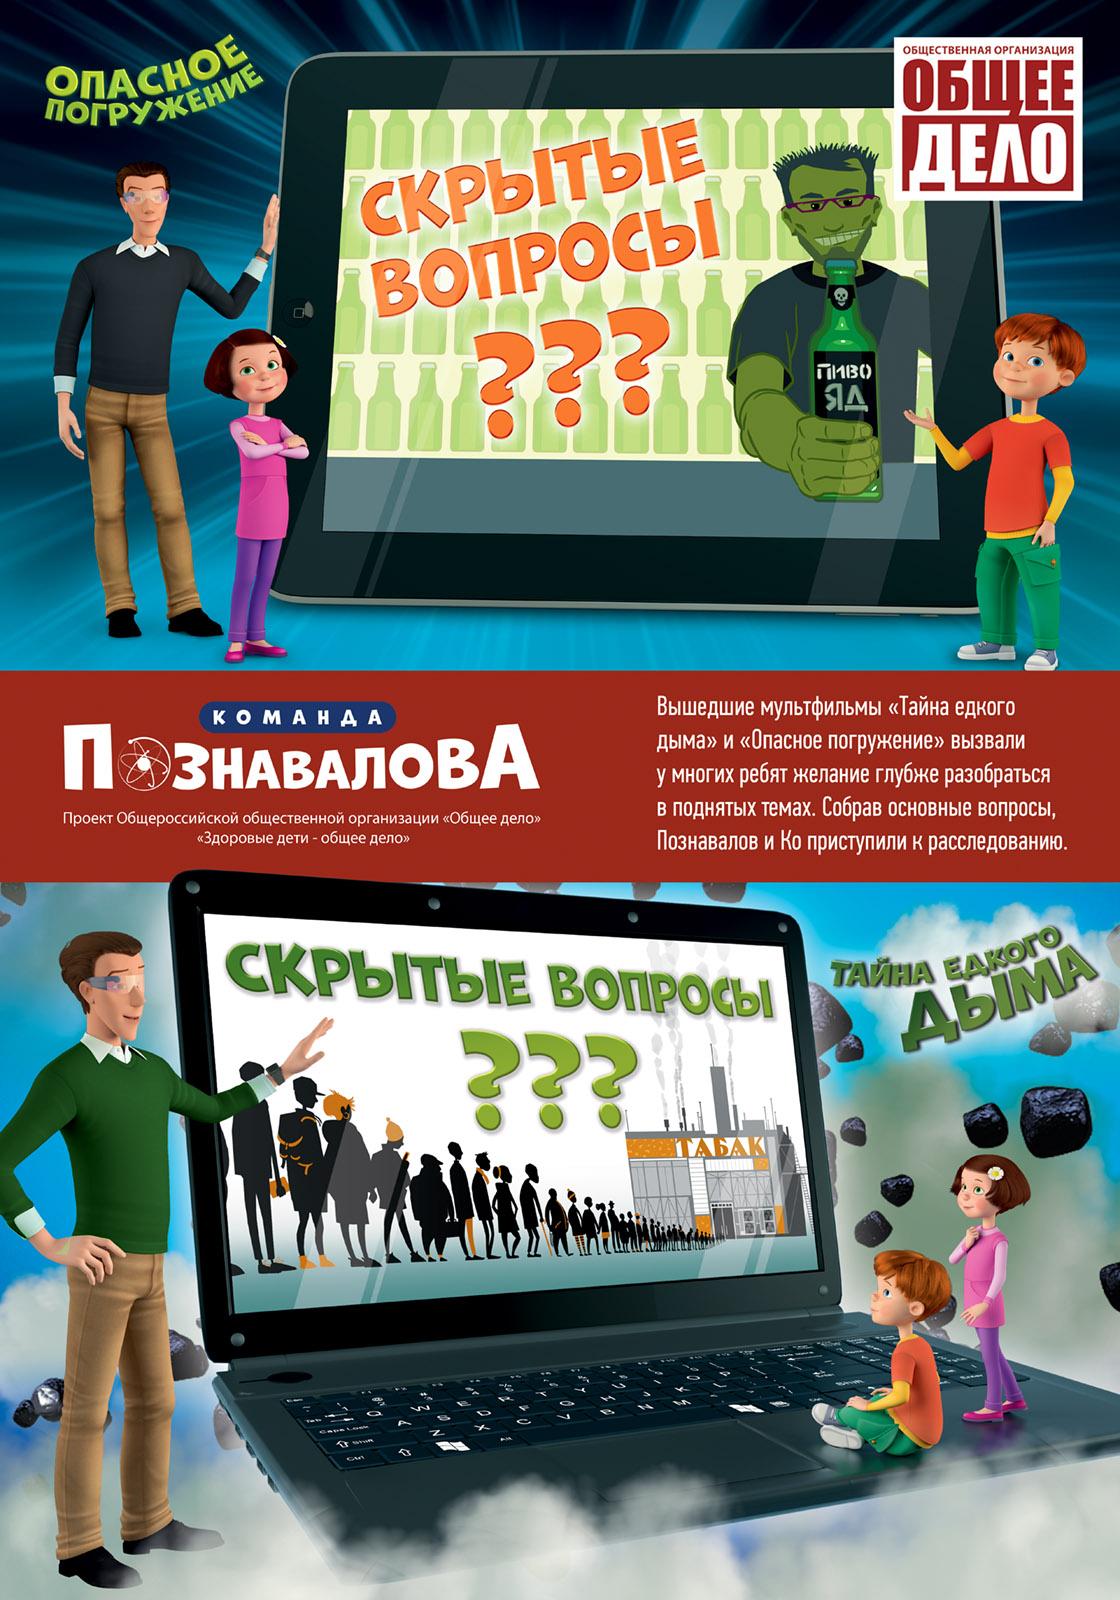 Постер - Мультфильма «Скрытые вопросы. Опасное погружение» сериала «Команда Познавалова».